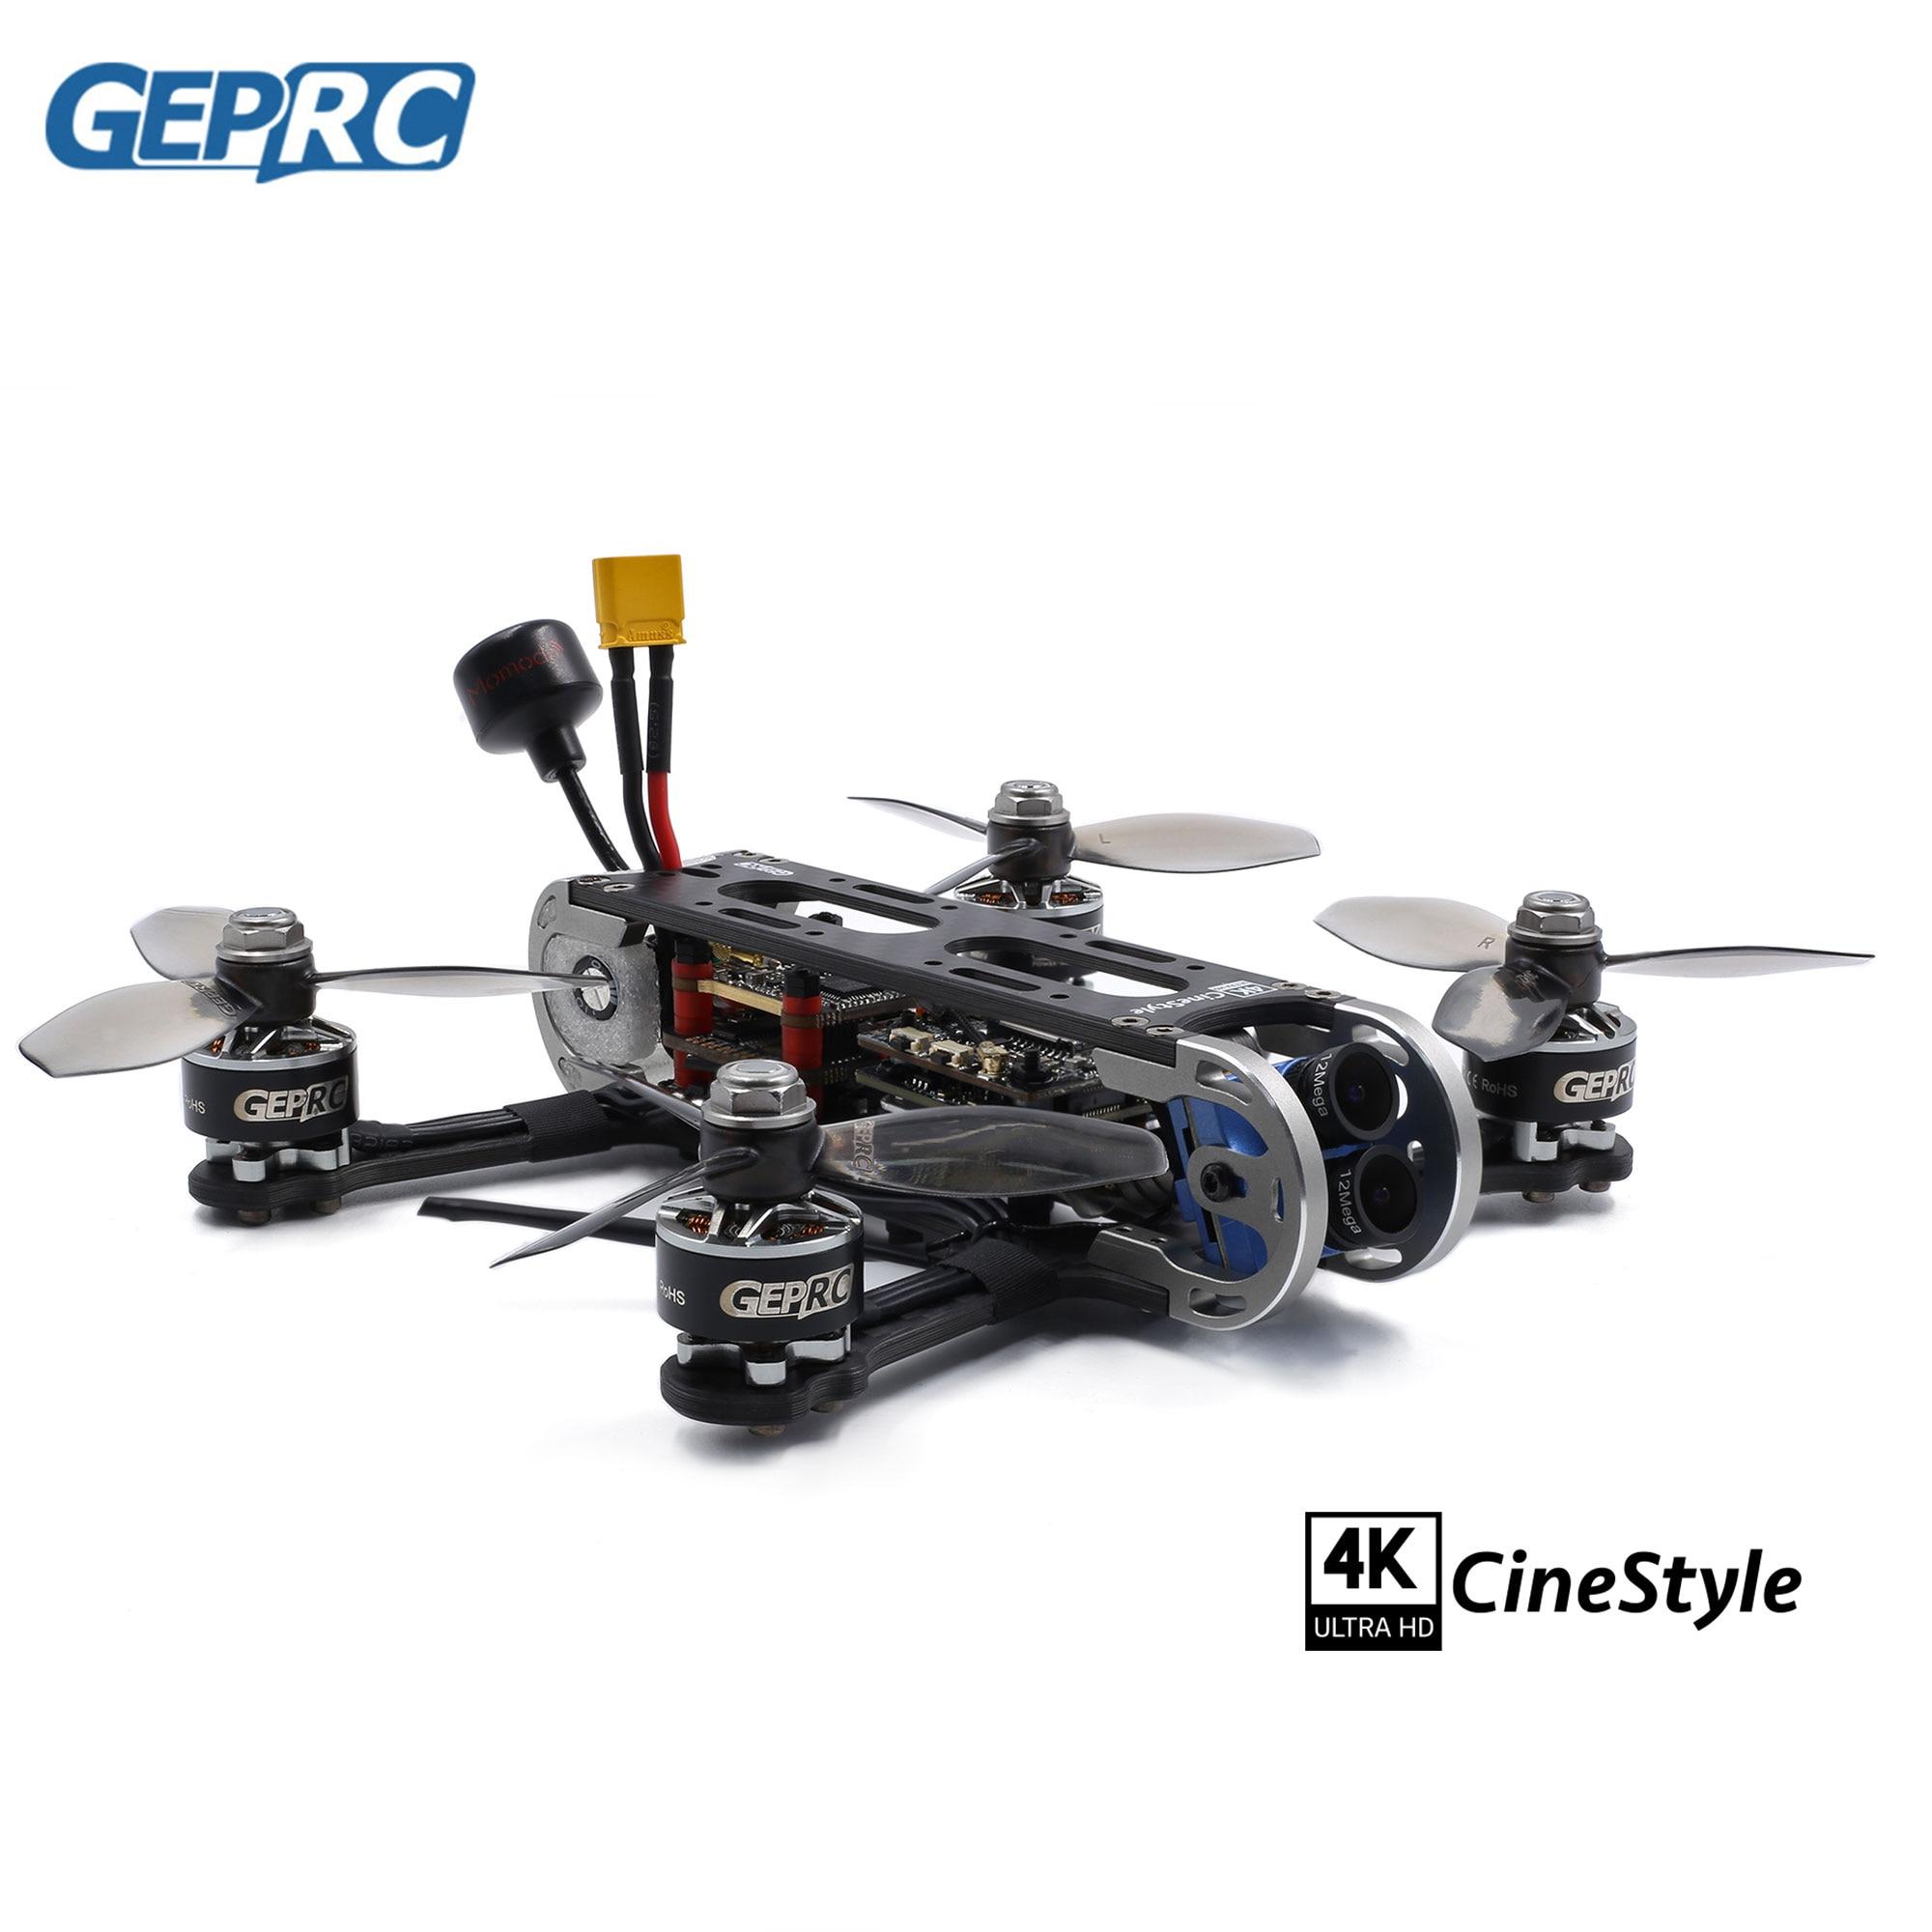 Geprc cinestyle 4 k v2 f7 듀얼 자이로 비행 컨트롤러 35a esc 1507 3600kv rc diy fpv 레이싱 무인 항공기 용 브러시리스 모터부품 & 액세서리   -